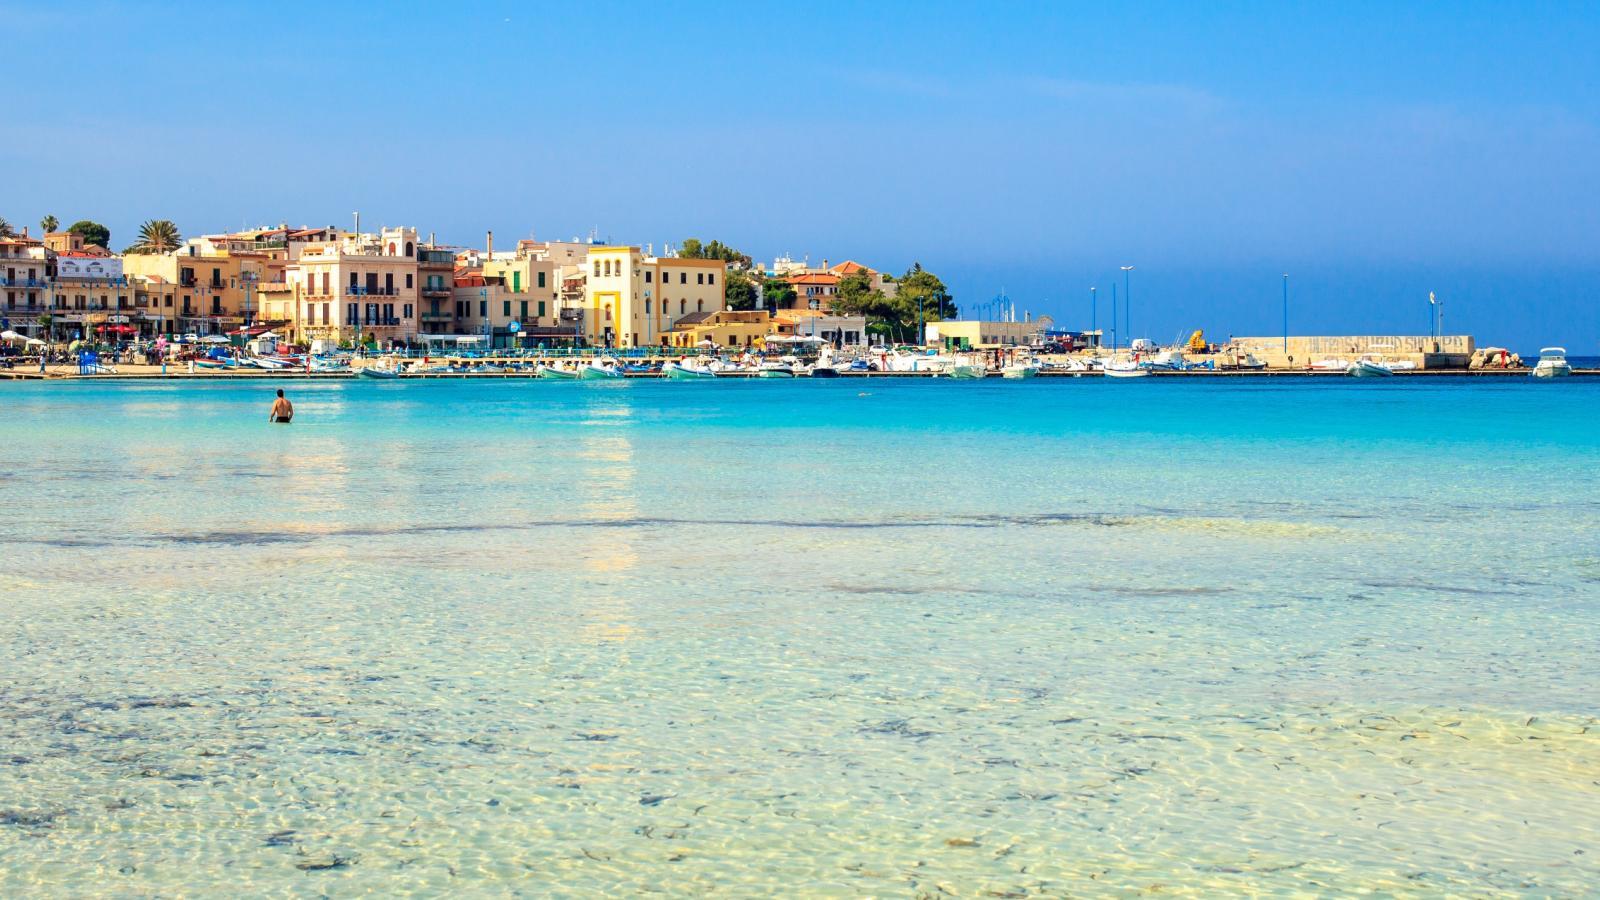 Сицилия палермо пляжи фото